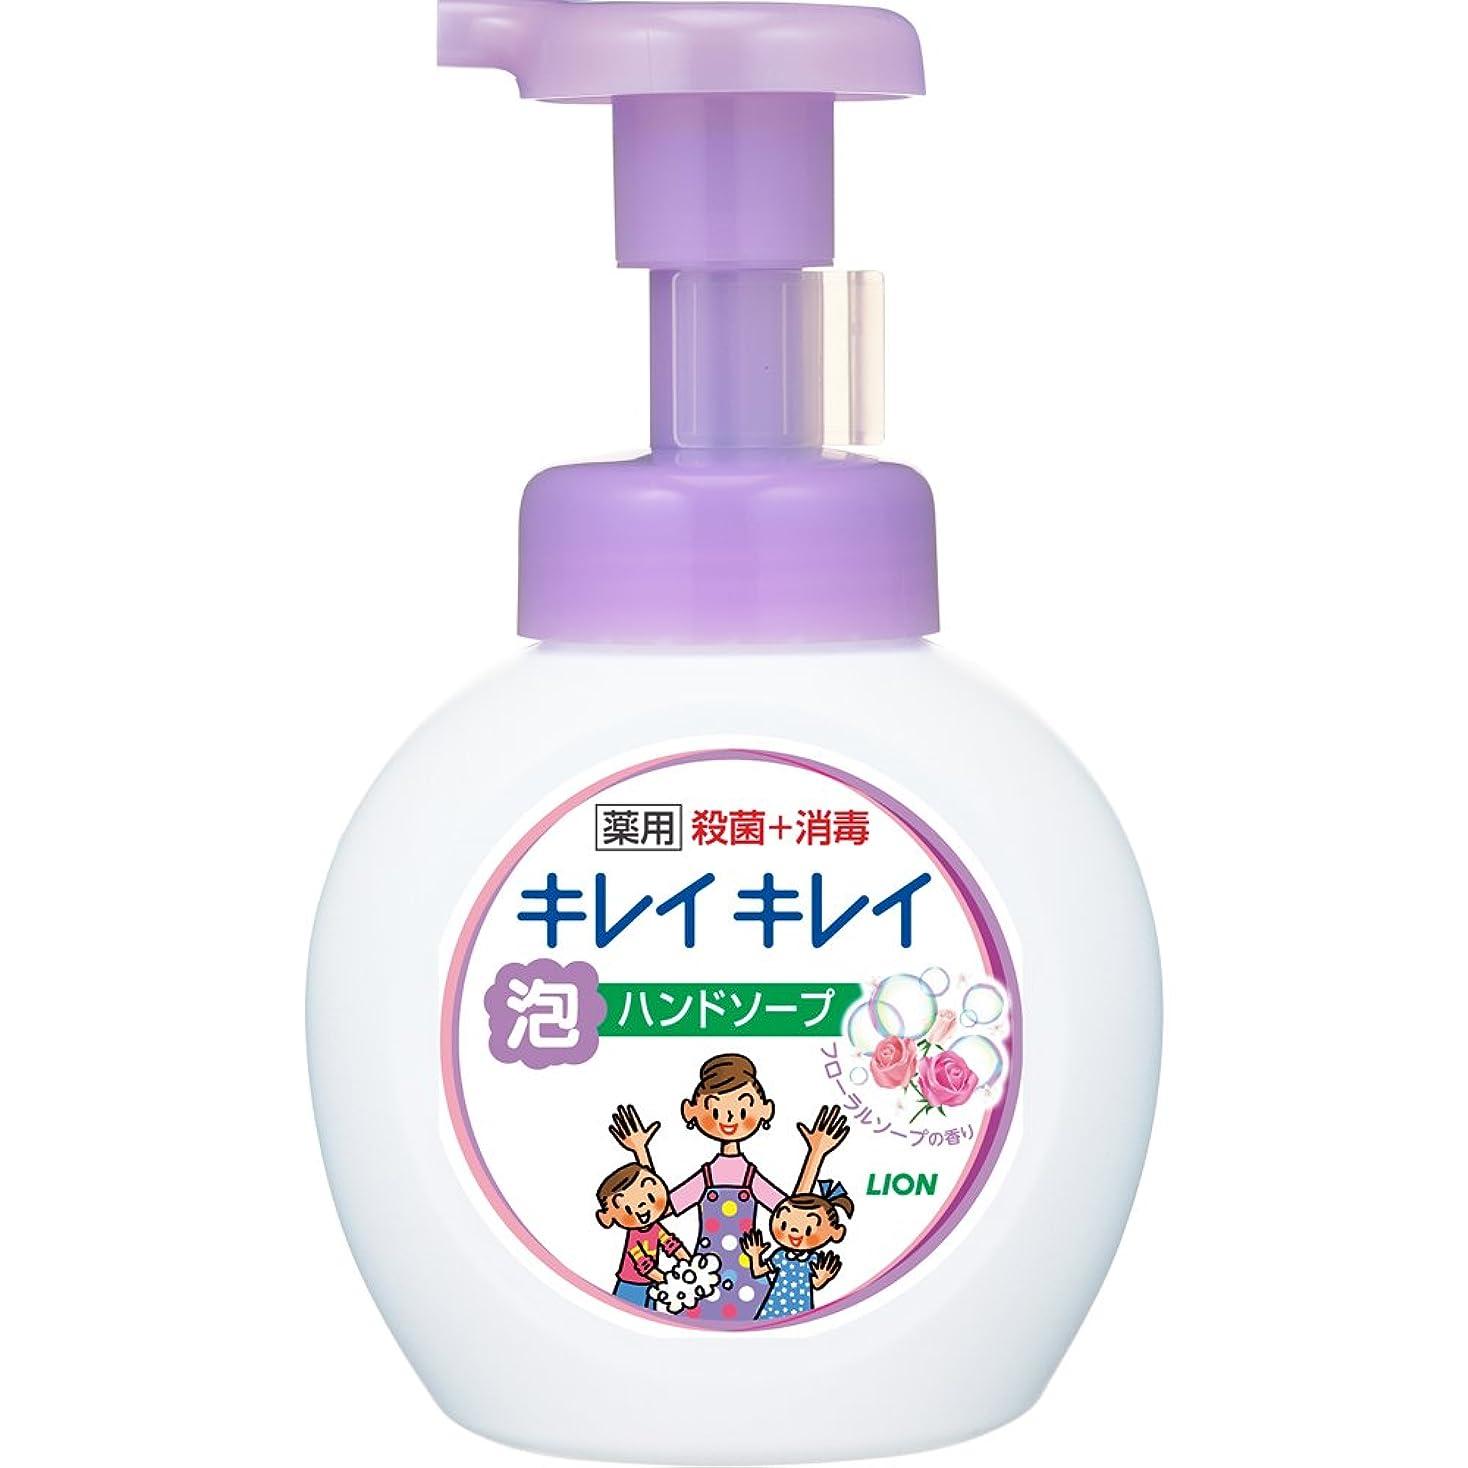 うまれた敬礼カップルキレイキレイ 薬用 泡ハンドソープ フローラルソープの香り 本体ポンプ 250ml(医薬部外品)